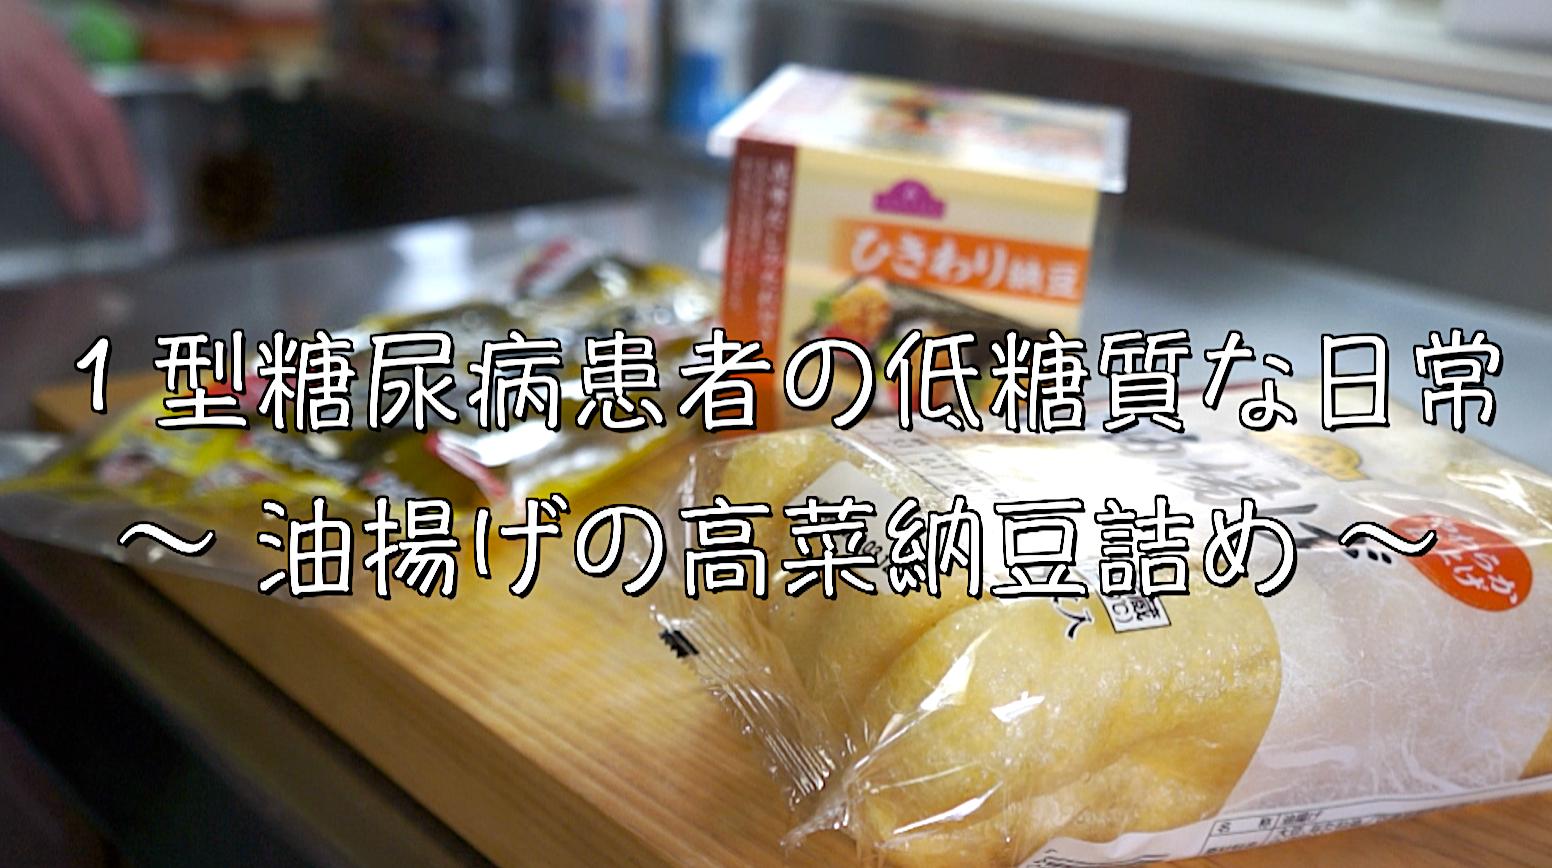 油揚げ 巾着 糖質制限 レシピ